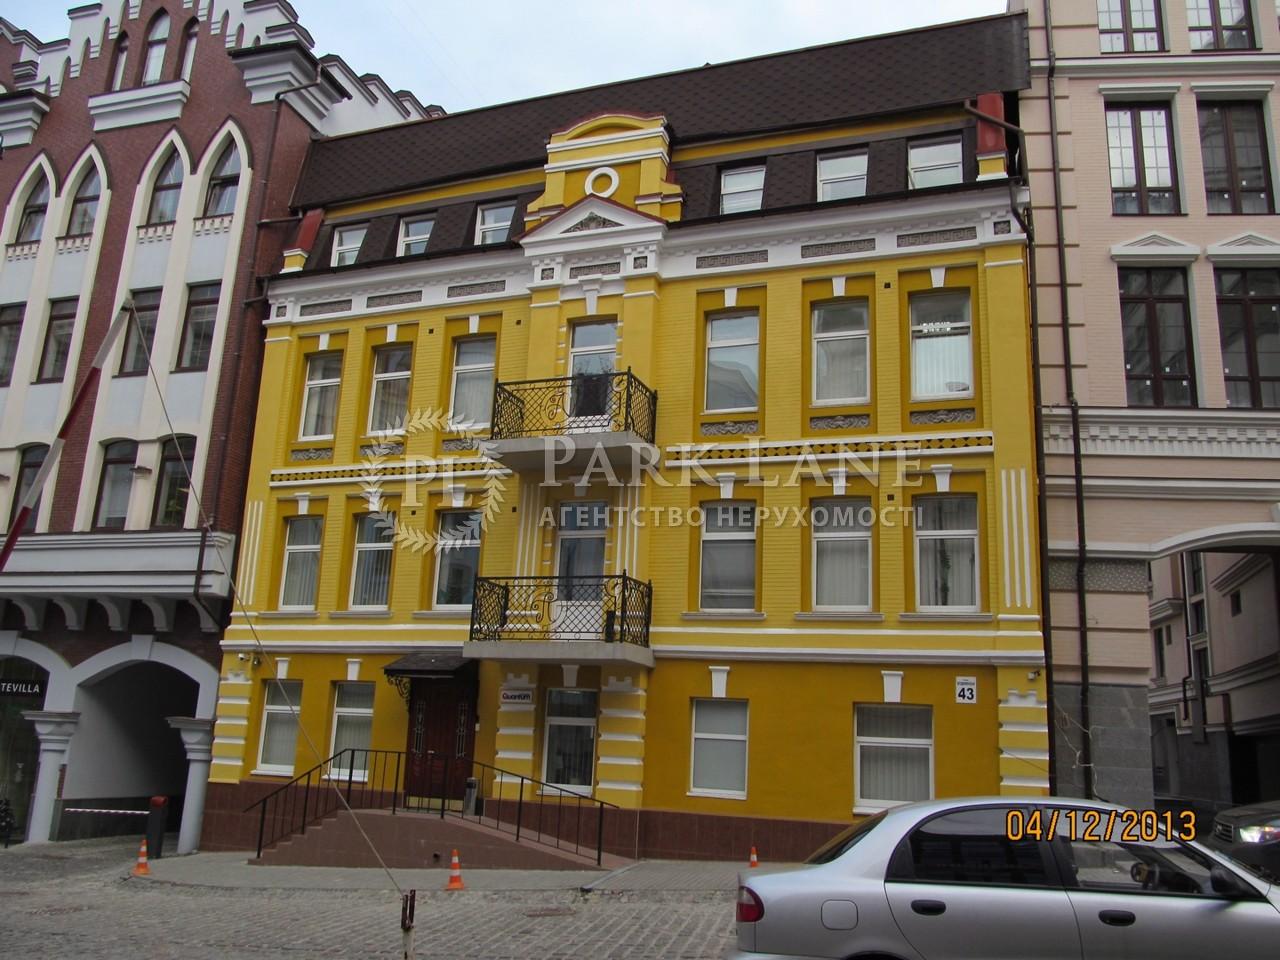 Дом, Z-1337446, Воздвиженская, Киев - Фото 1